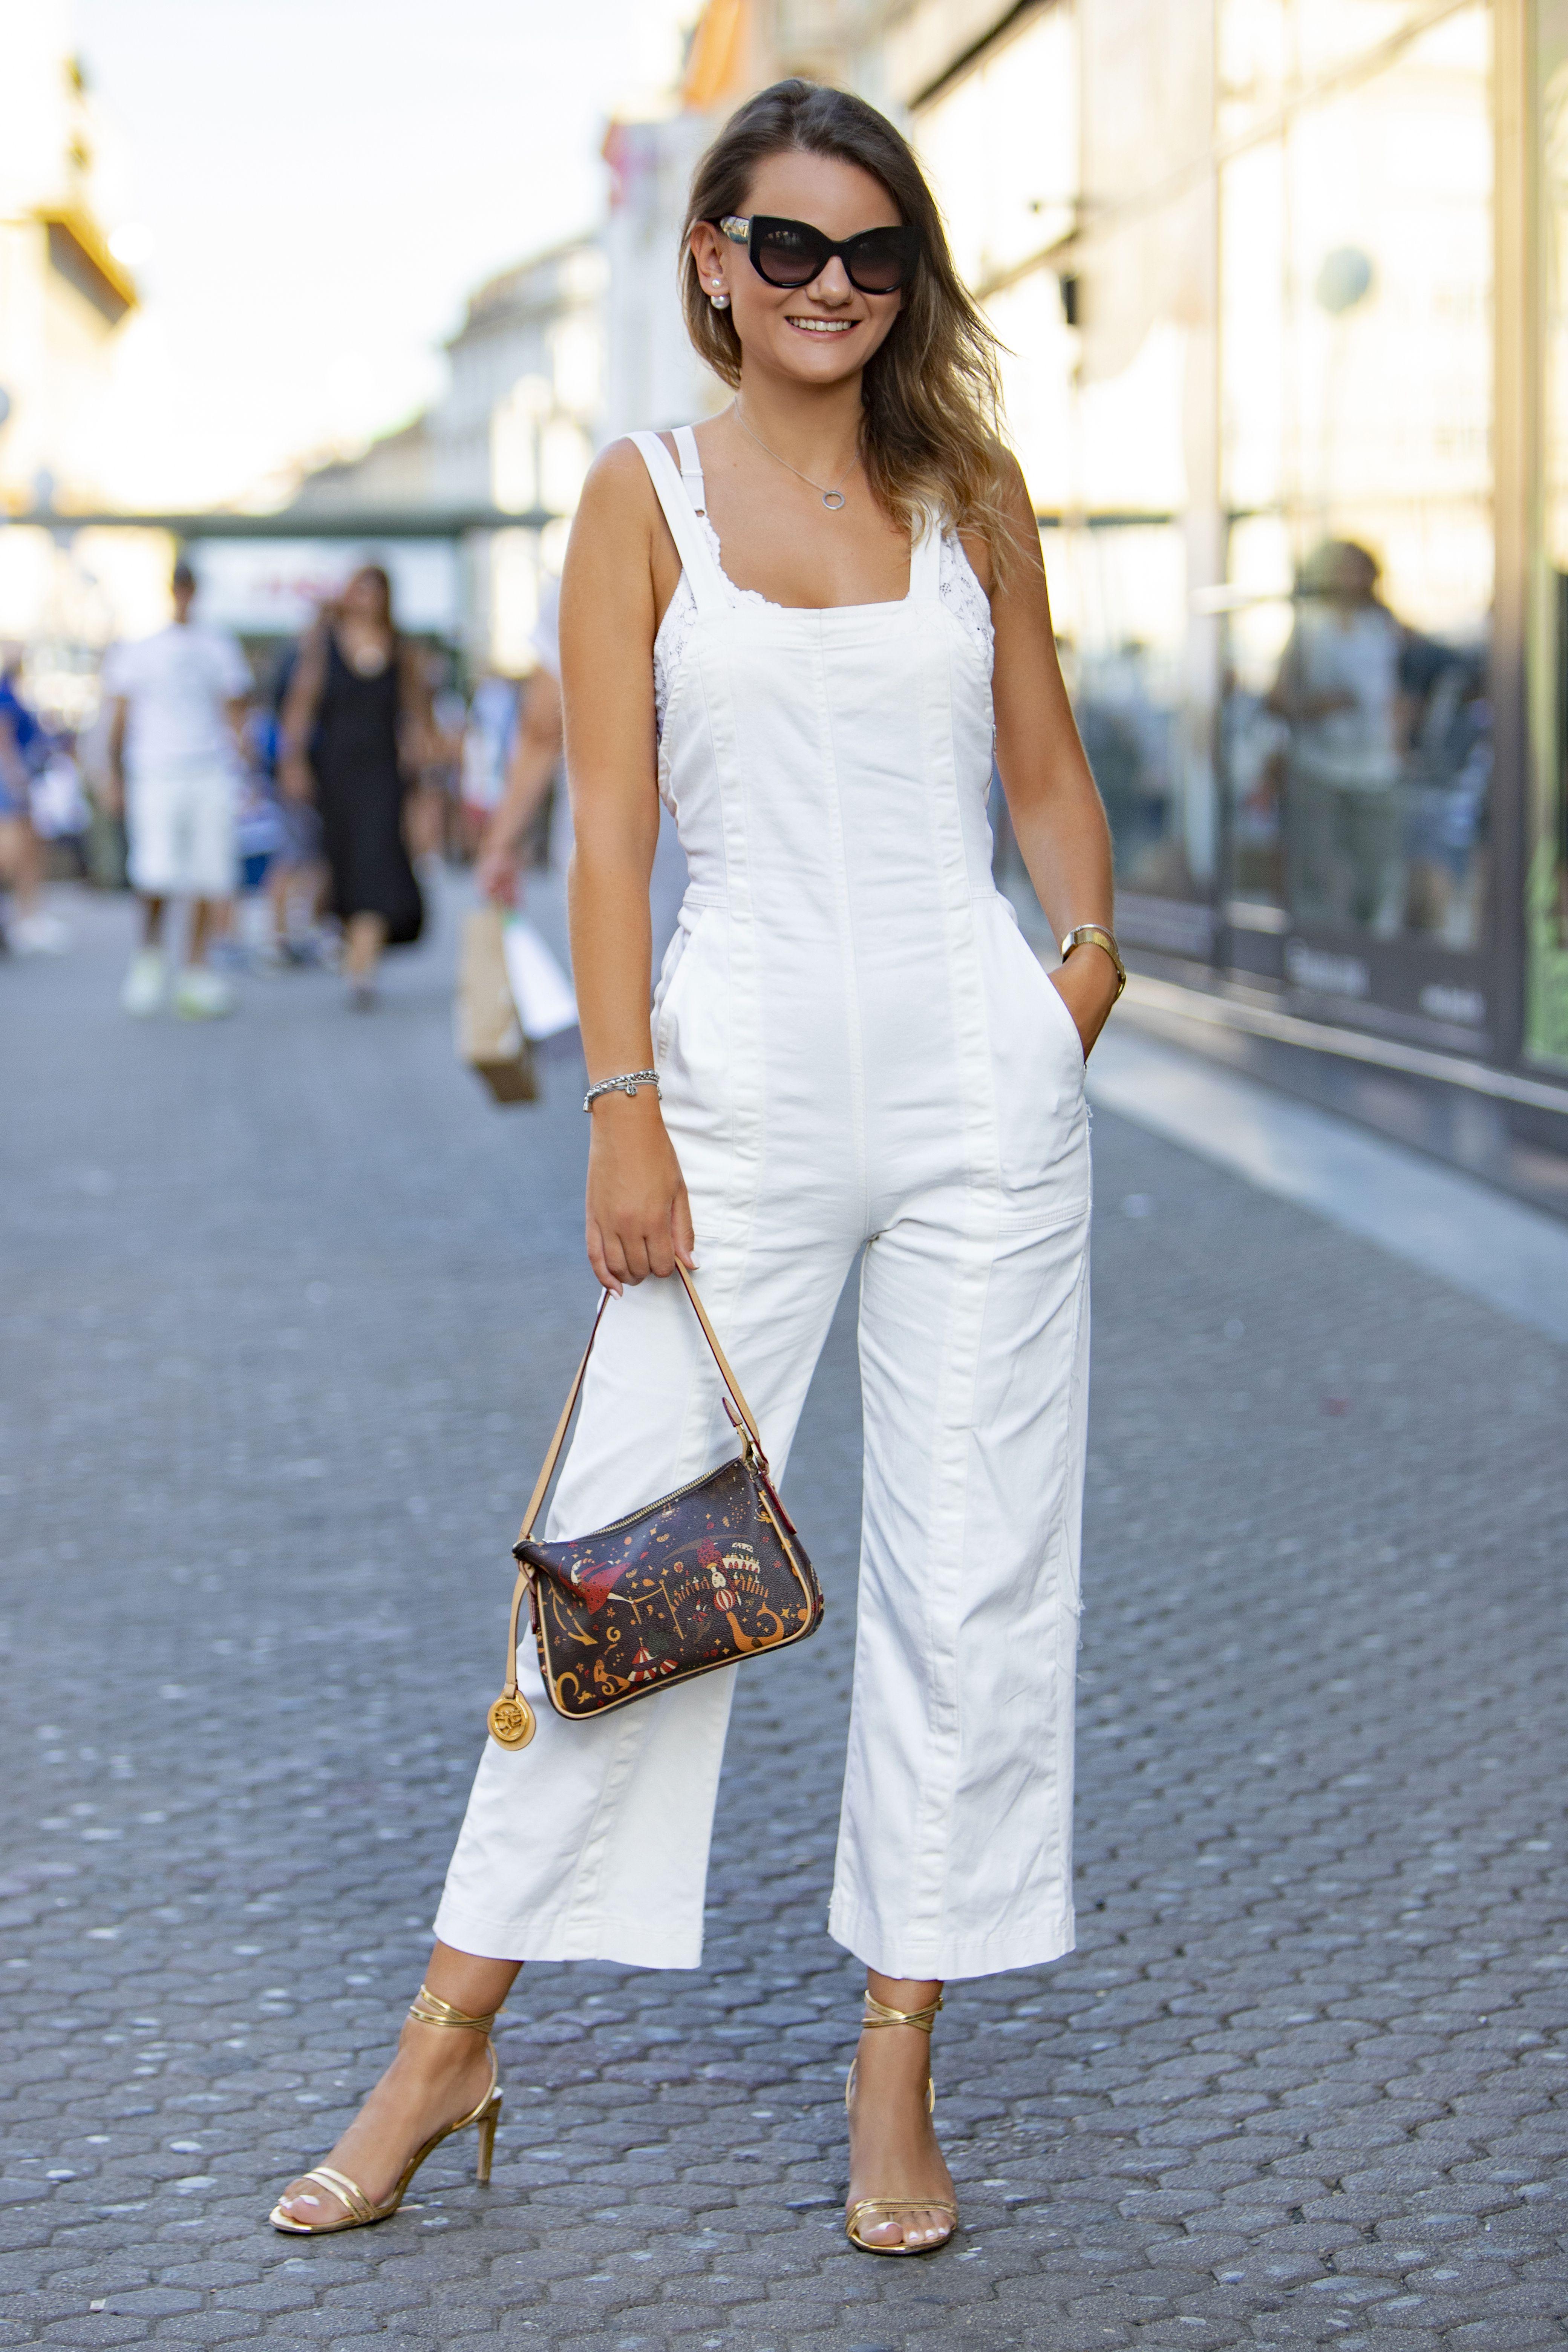 Bijeli kombinezon i visoke potpetice ovoj dami stoje odlično!